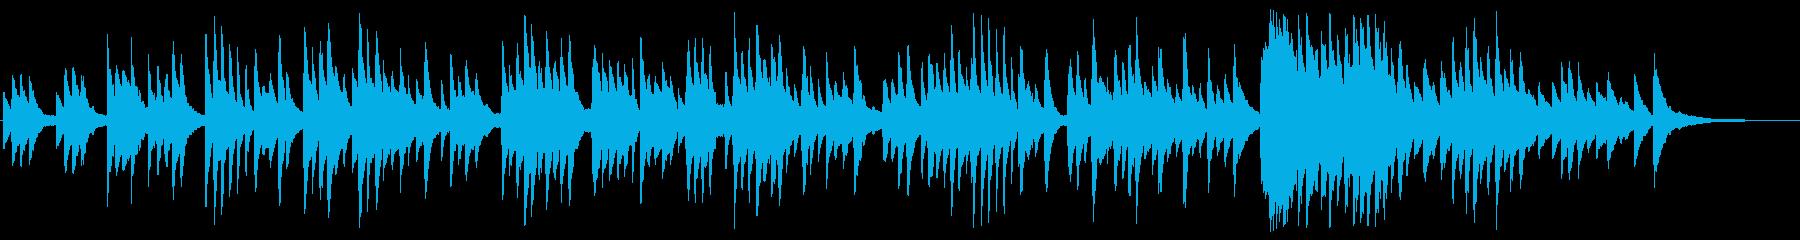 「思い出のアルバム」のアレンジBGMの再生済みの波形